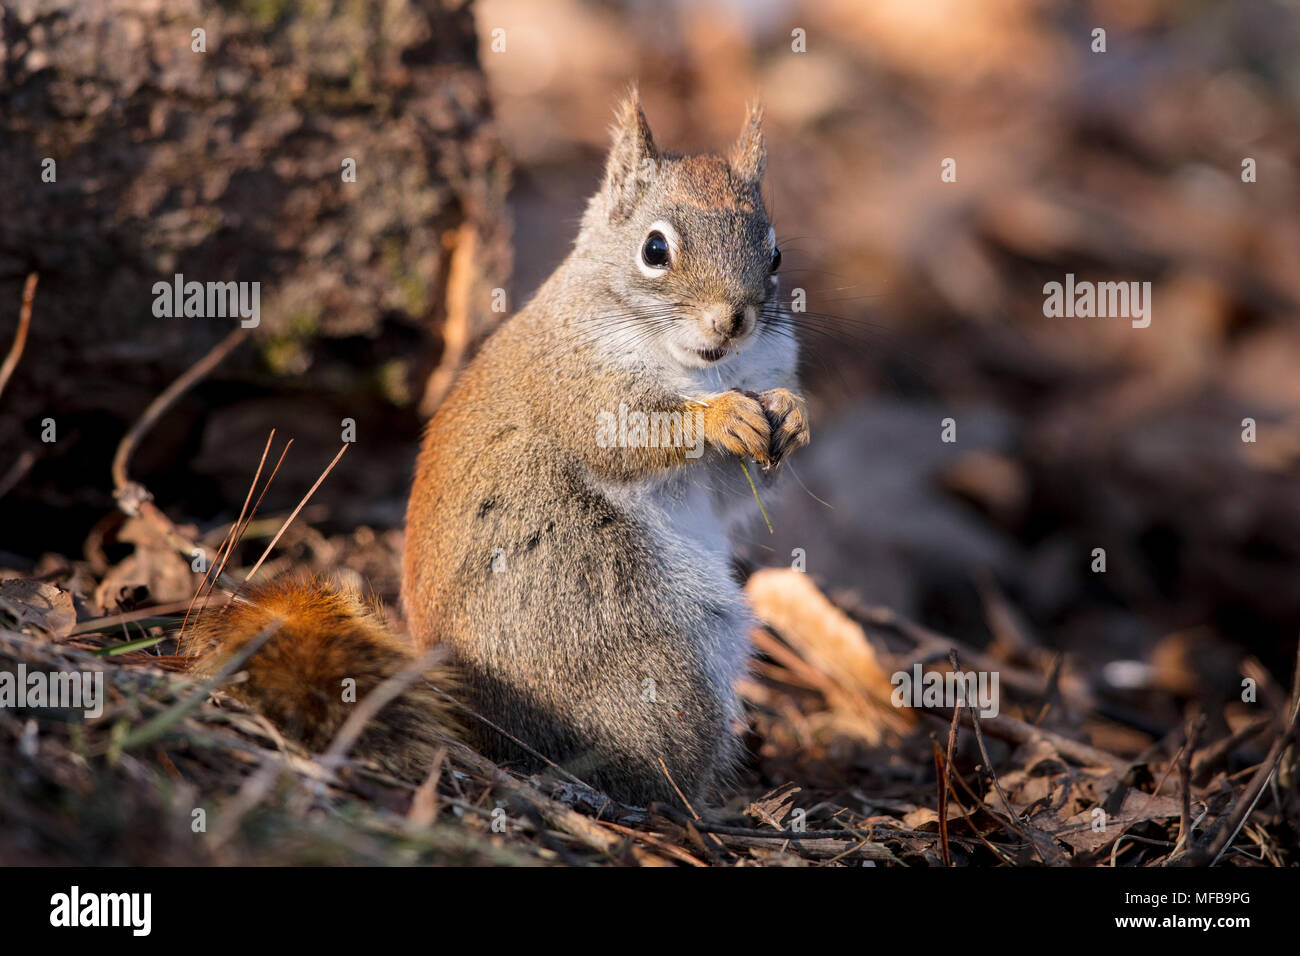 MAYNOOTH, ONTARIO, CANADA - 23 Avril 2018: un écureuil roux (Tamiasciurus hudsonicus), partie de la famille des Odontophoridae fourrages pour l'alimentation. ( Ryan Carter ) Photo Stock